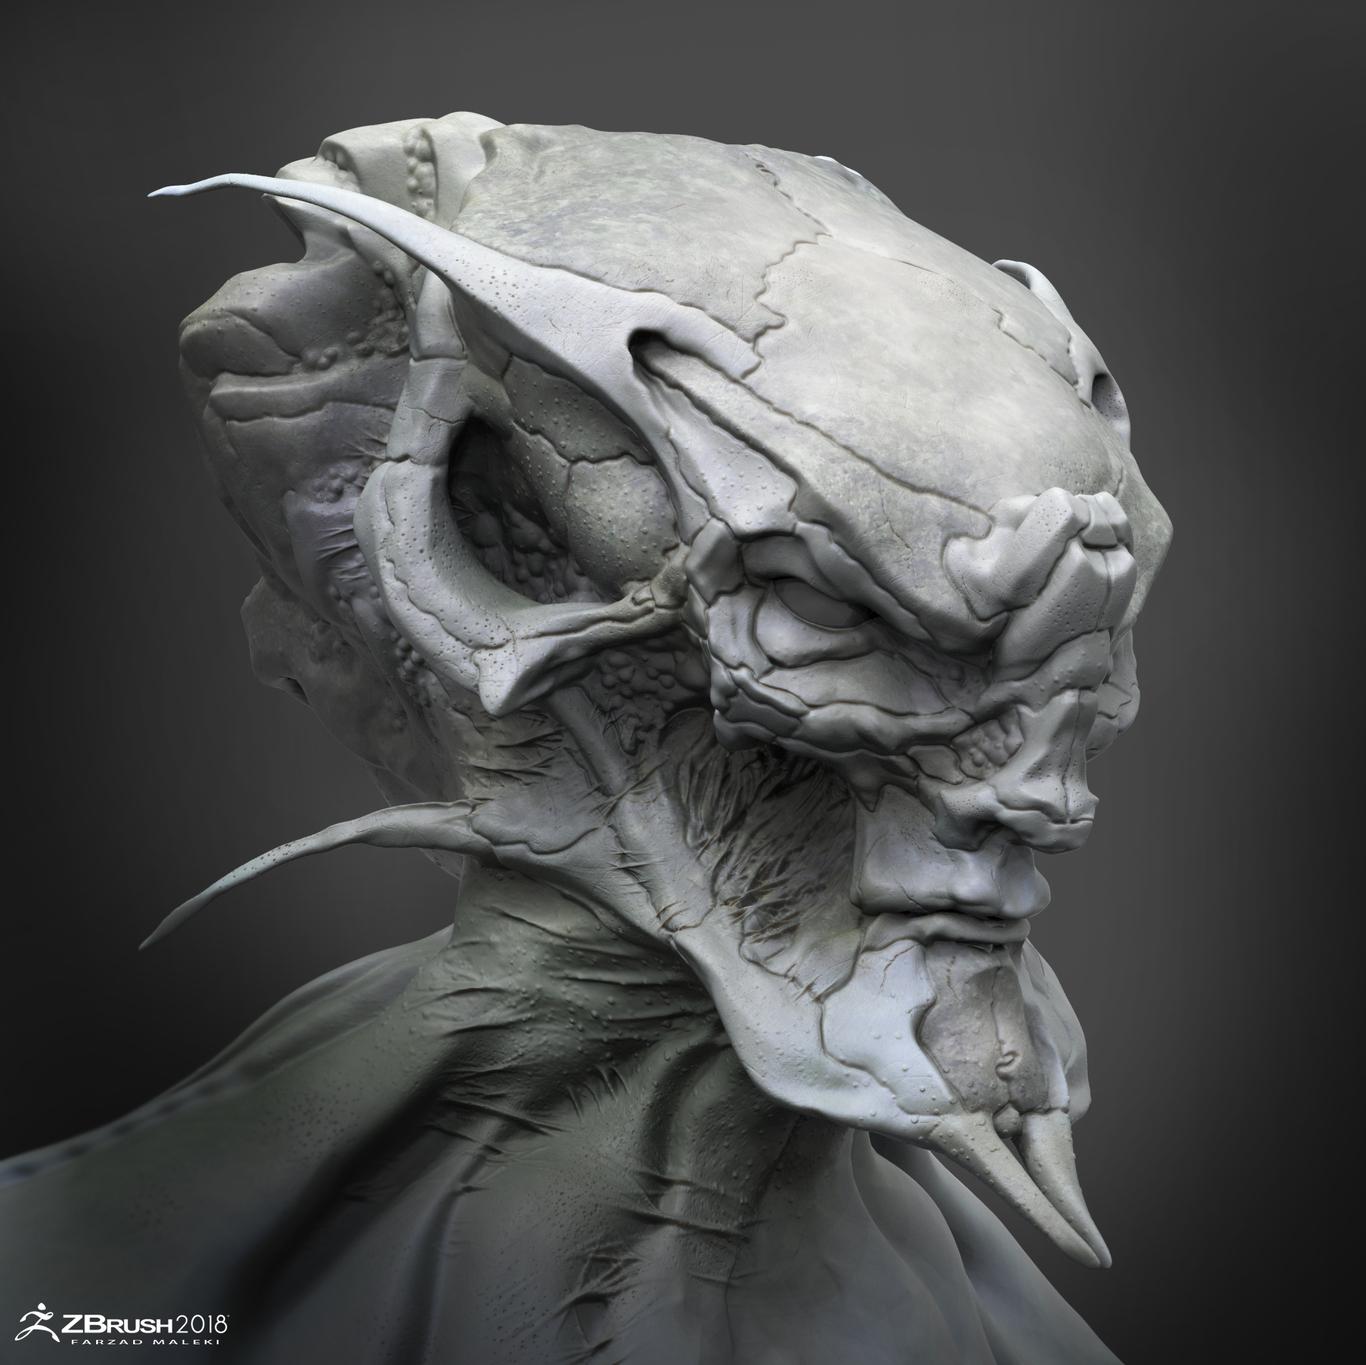 Komododragon alien dude 1 f3e5416f sng9